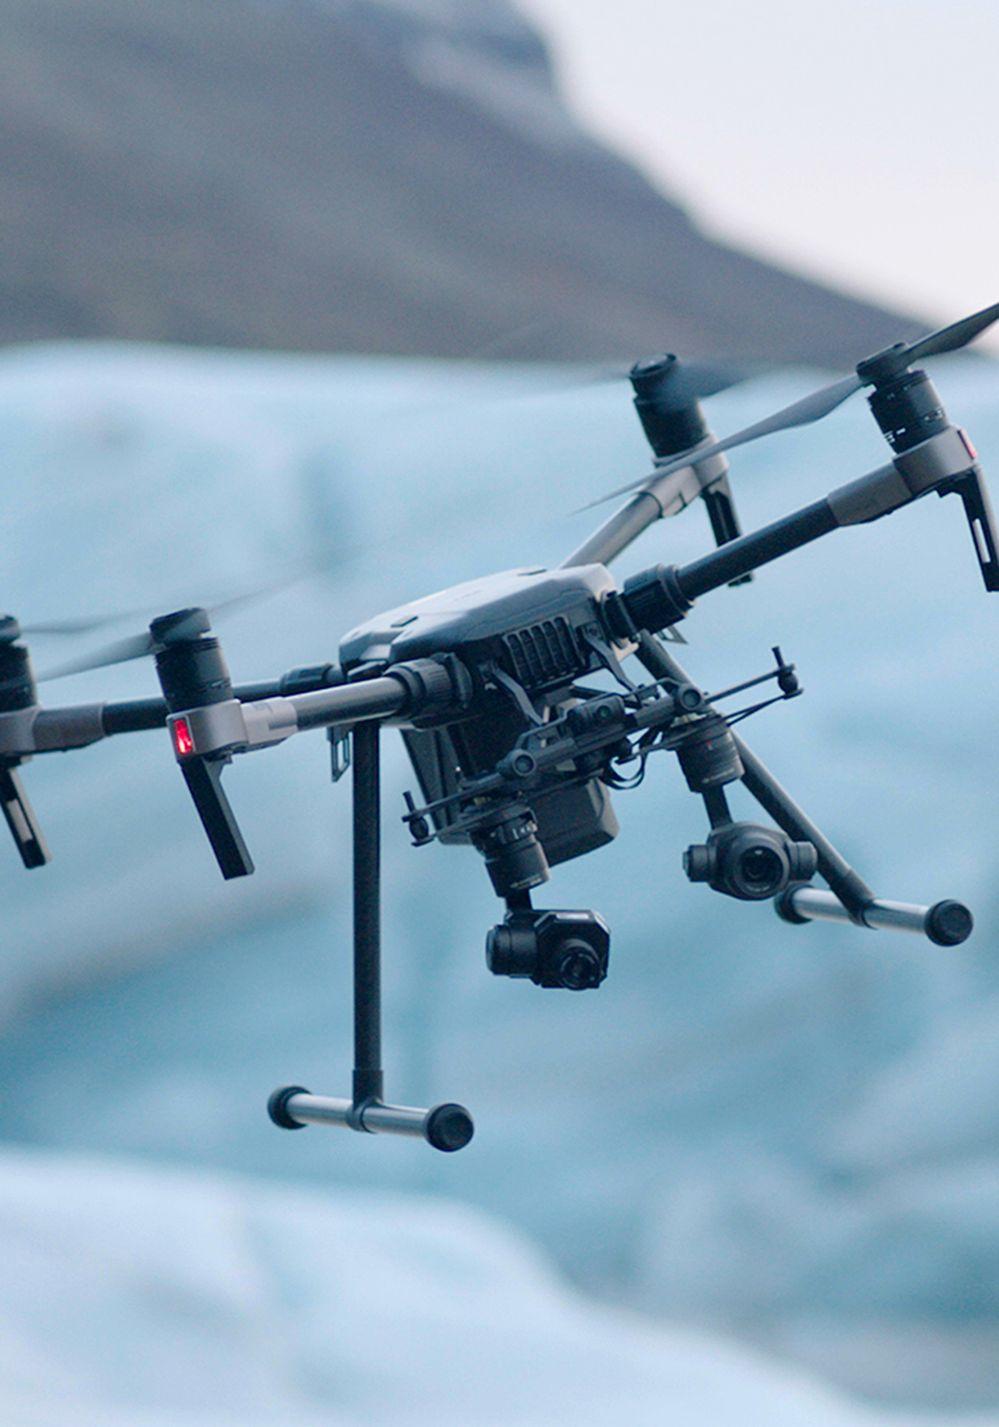 Cómo funciona el drone inteligente con asistente virtual integrado